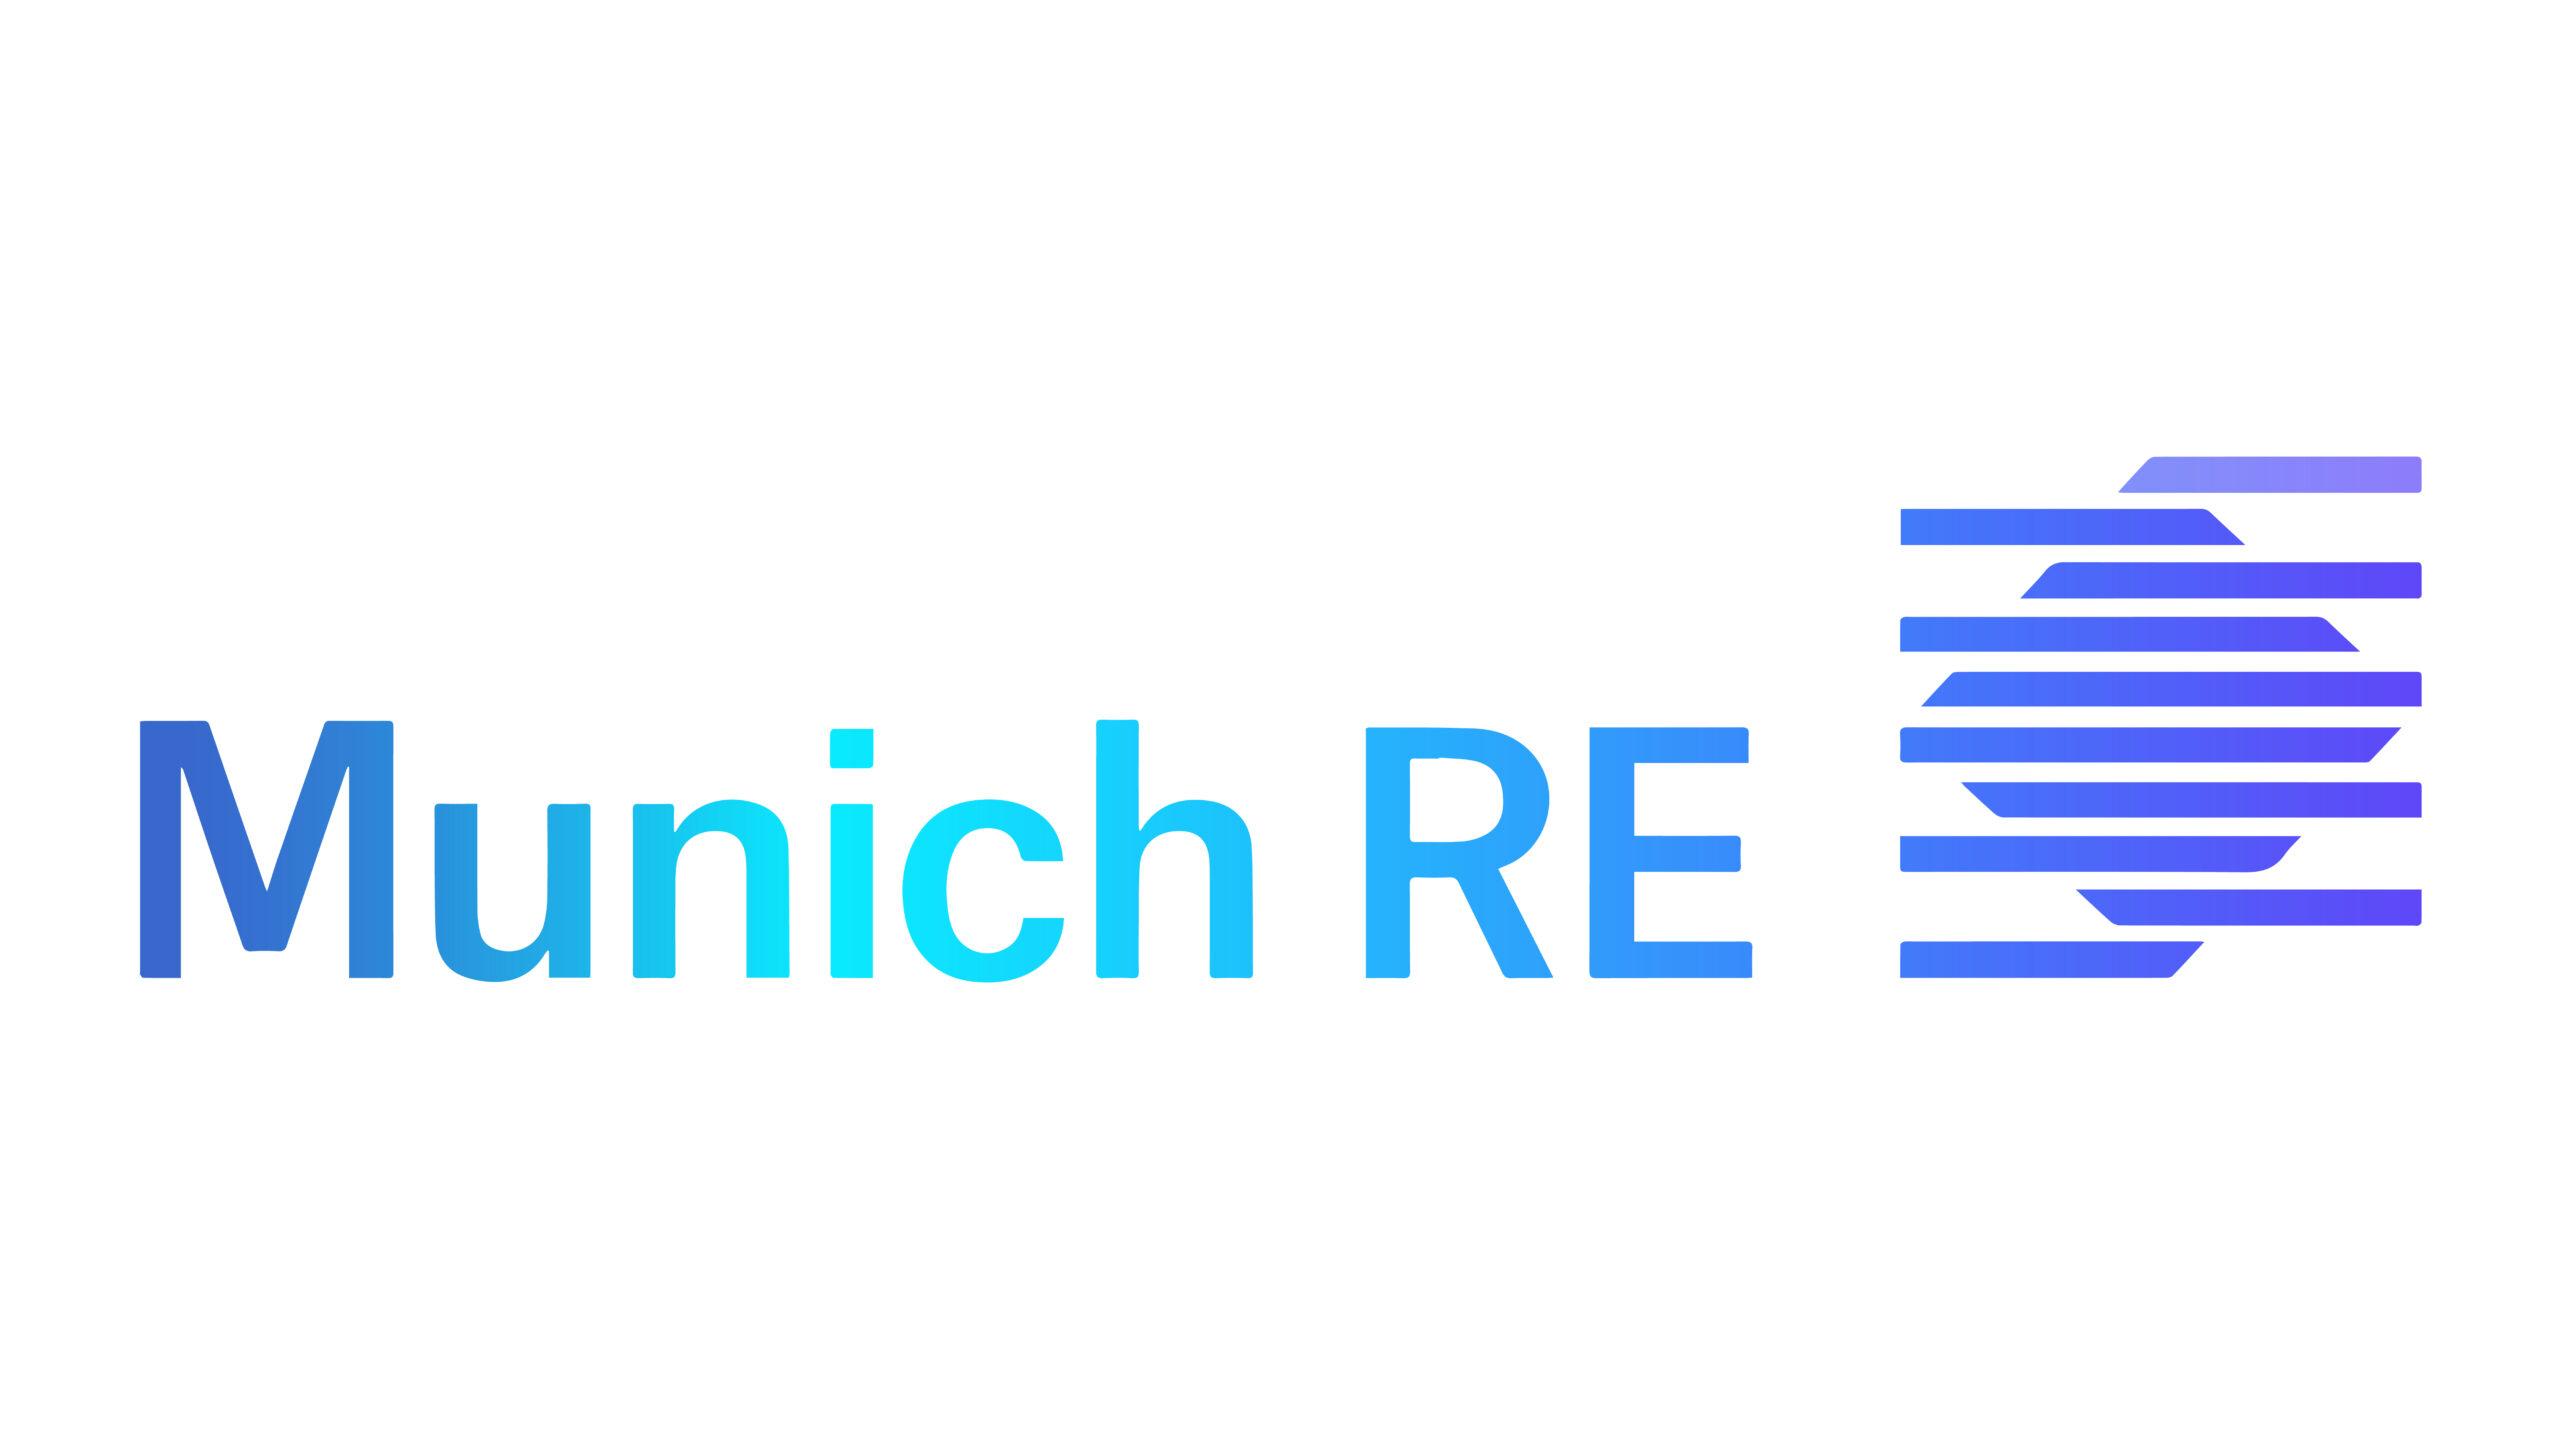 Munich Re возглавил список крупнейших перестраховщиков мира